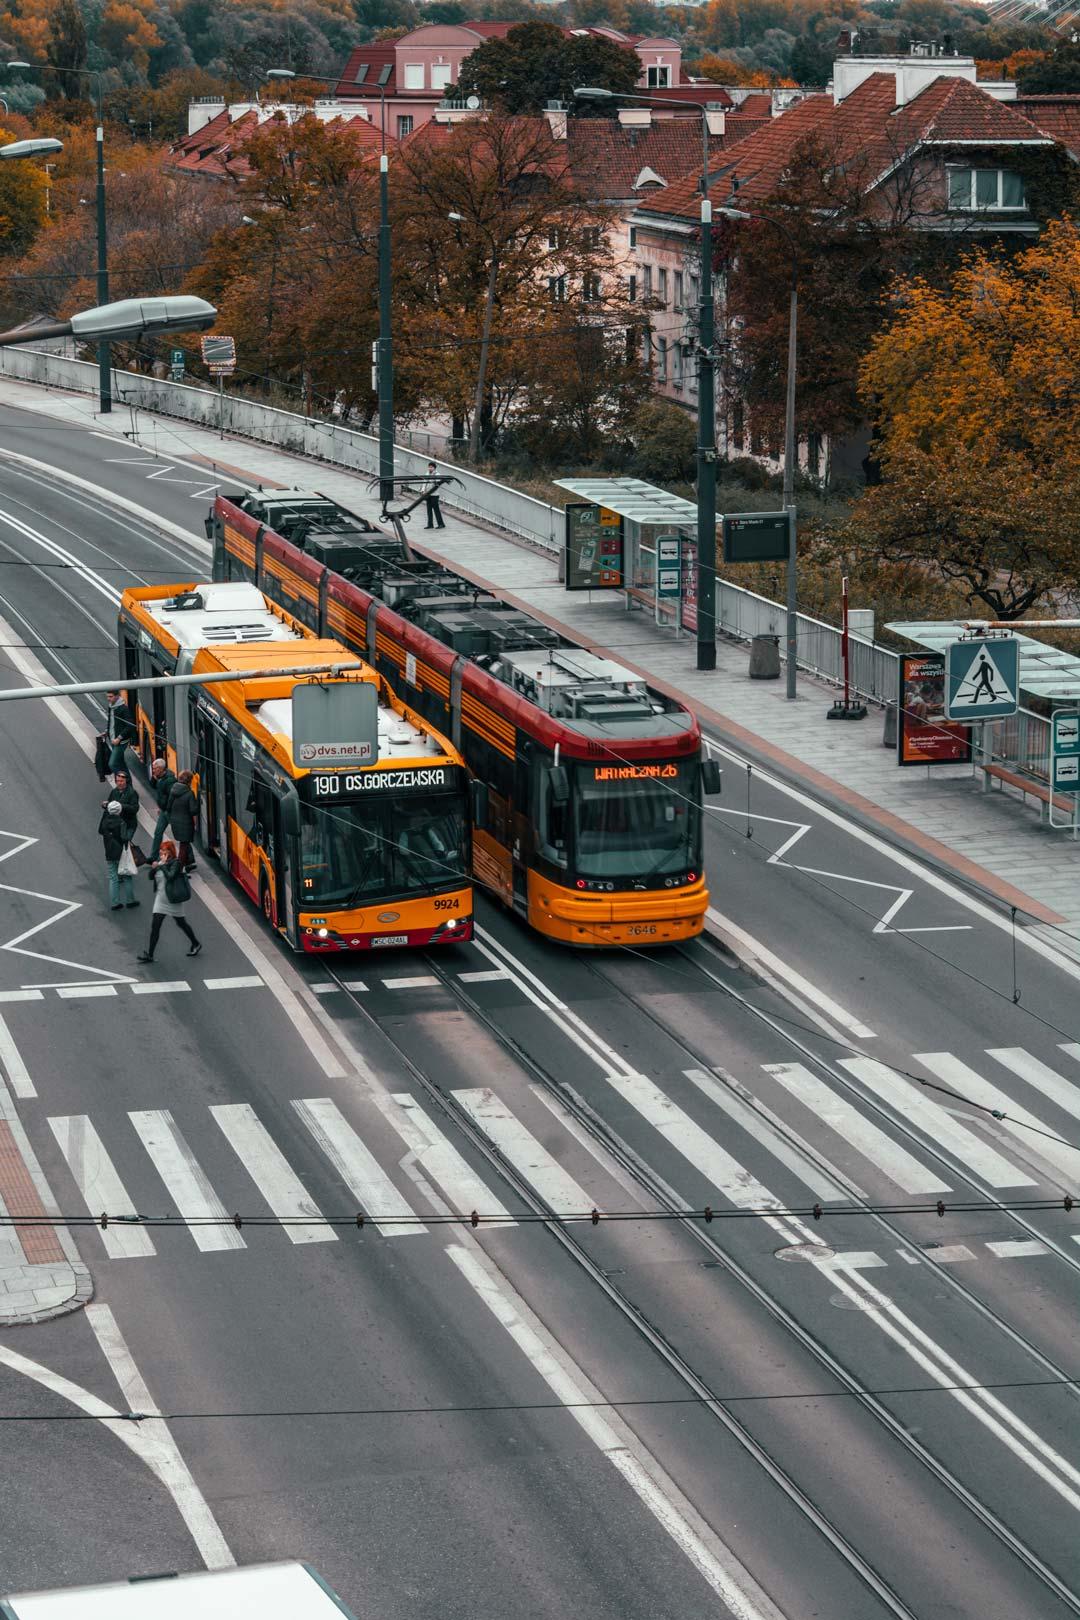 συγκοινωνία-Βαρσοβία-travelshare.gr